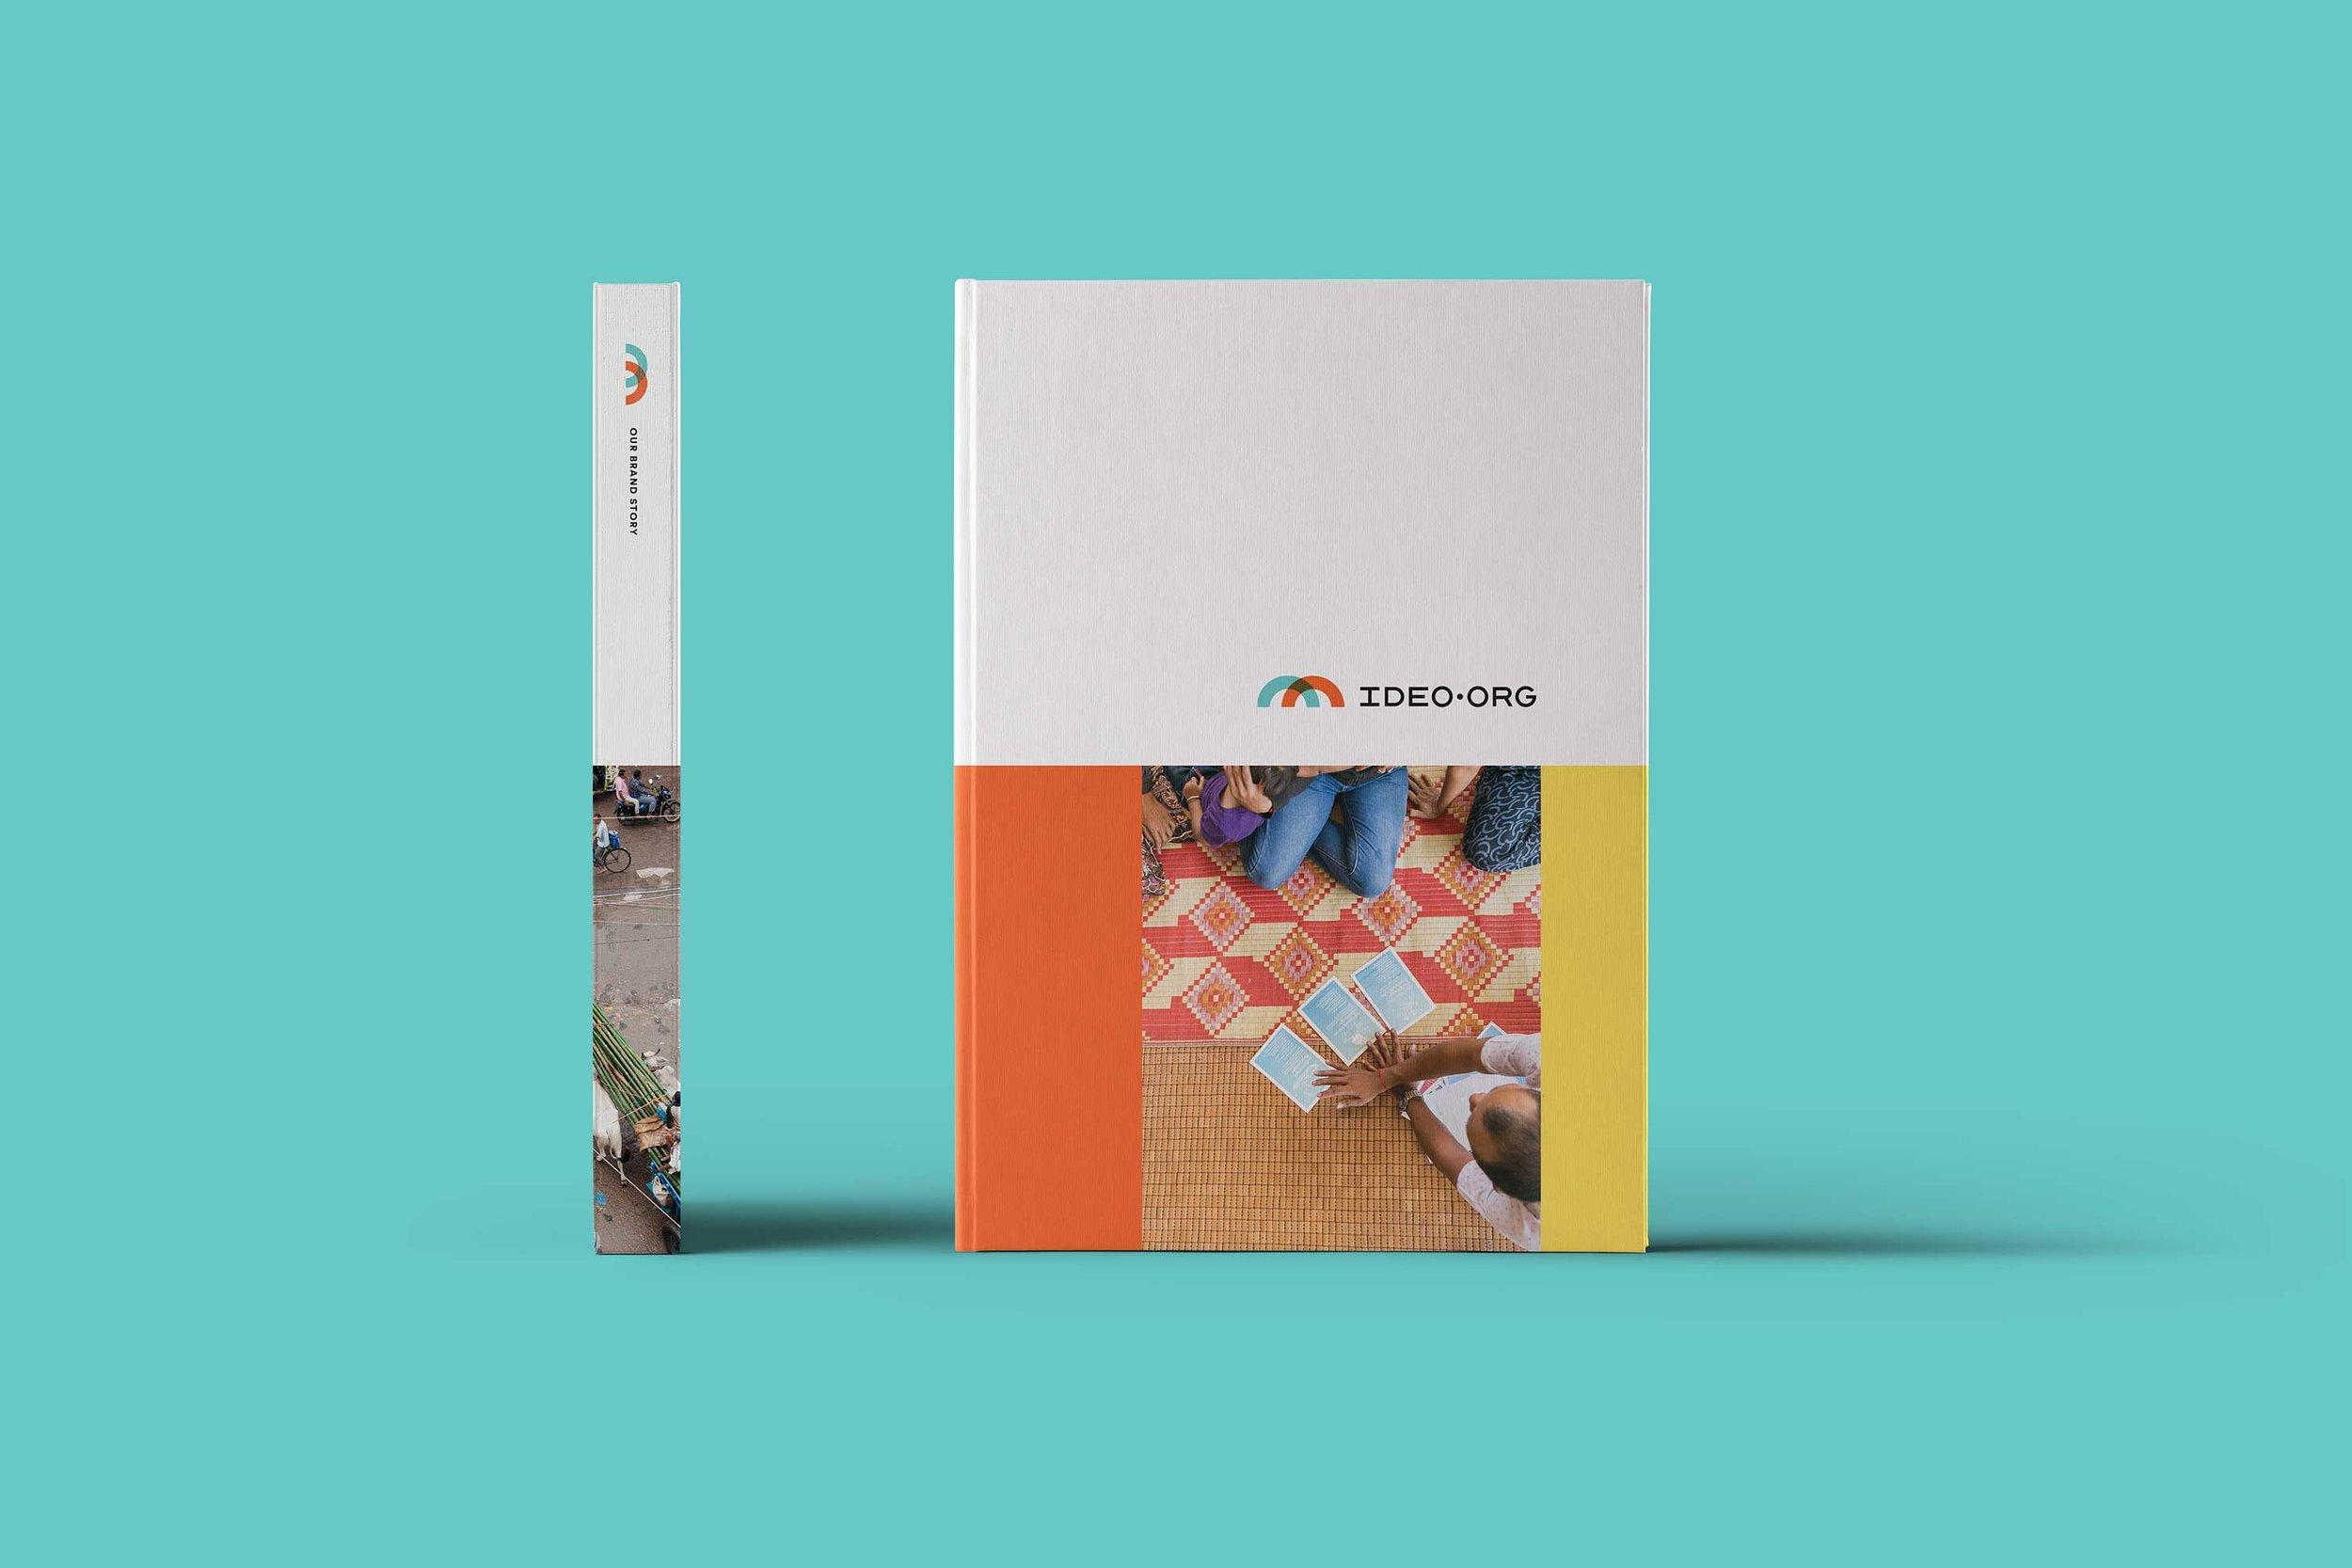 IDEOorgBrandbook.jpg